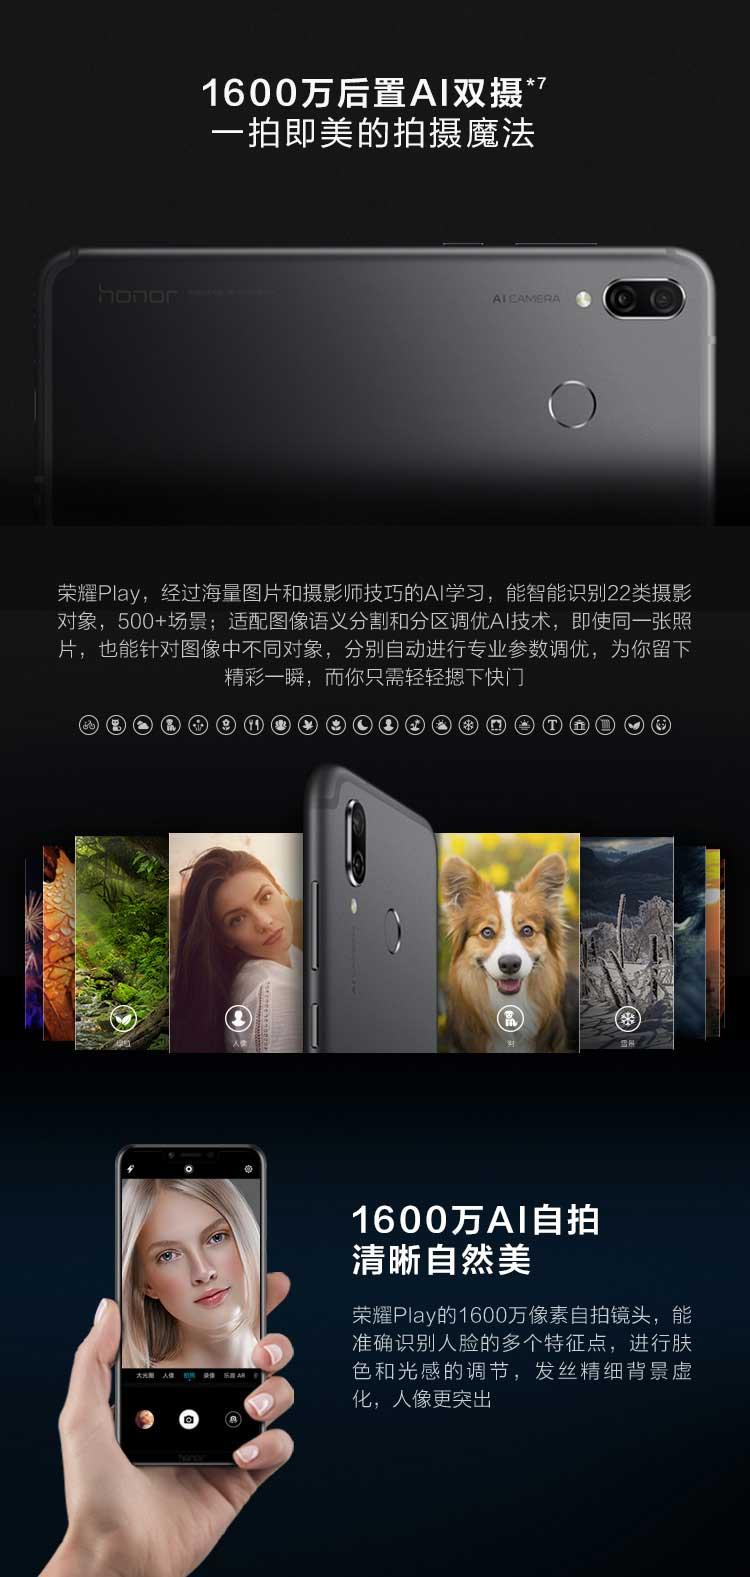 中山手机网 华为(HUAWEI) PALY手机专卖